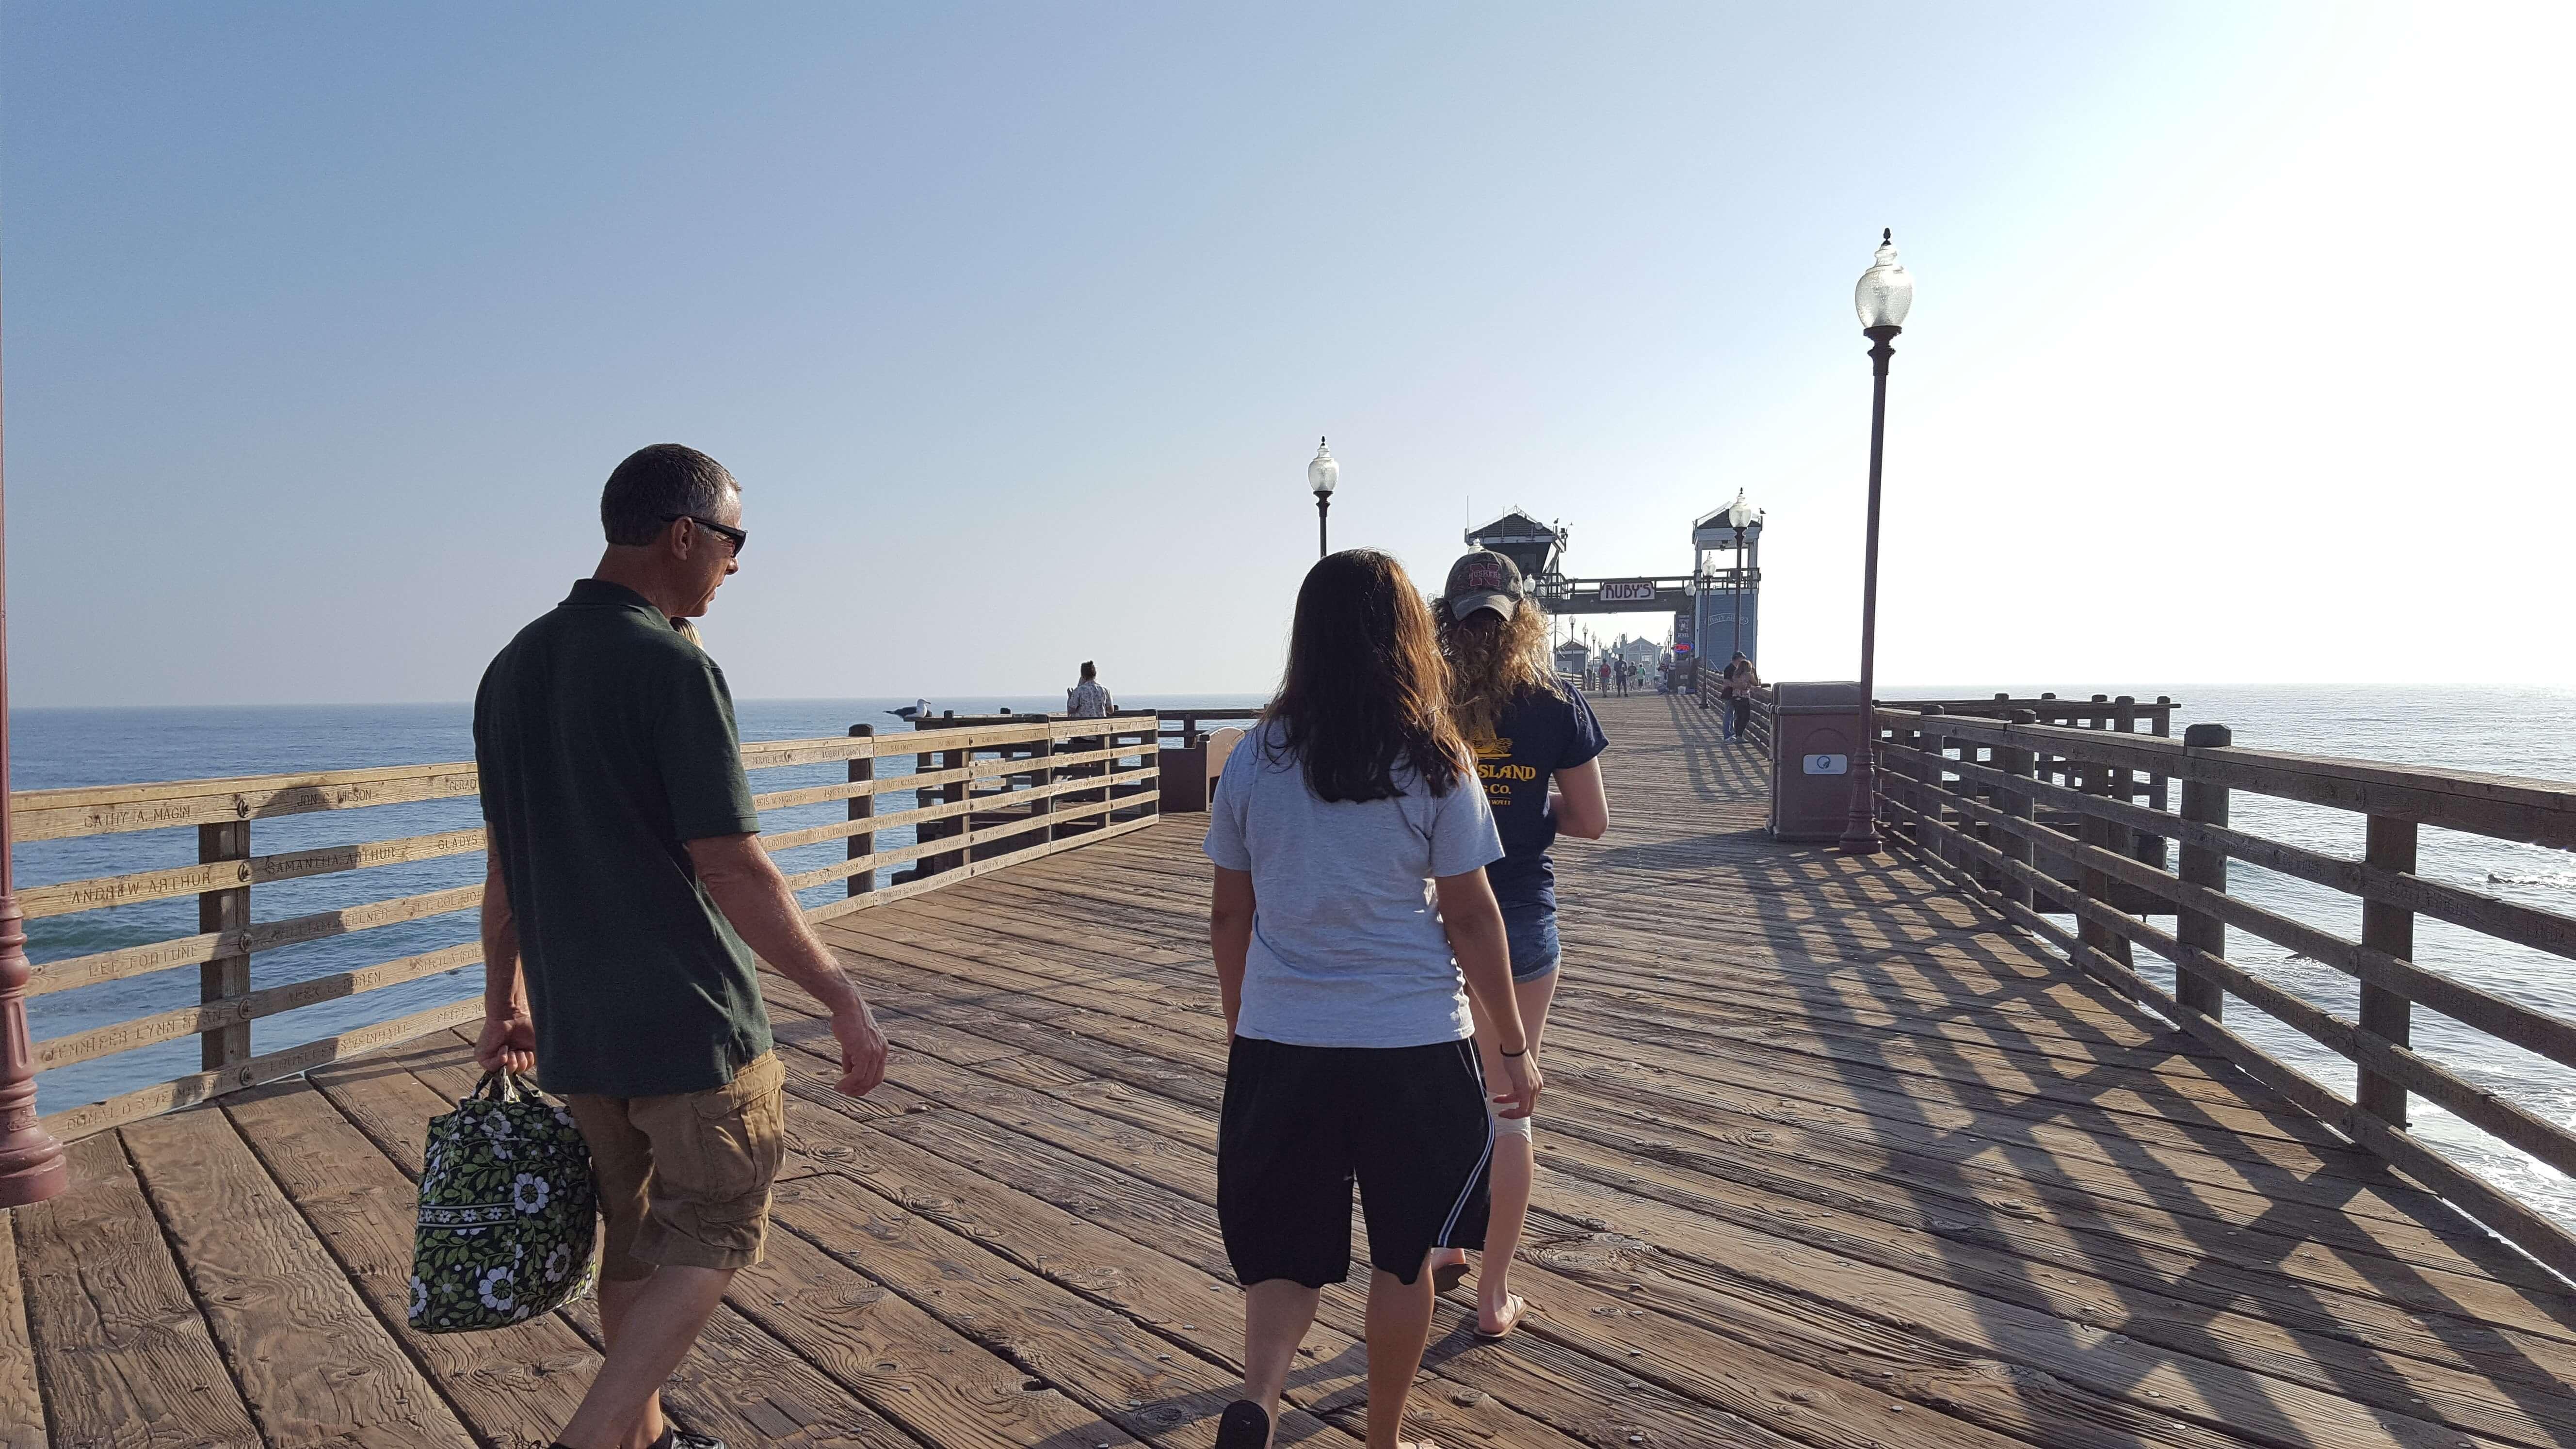 Strolling on Oceanside Pier